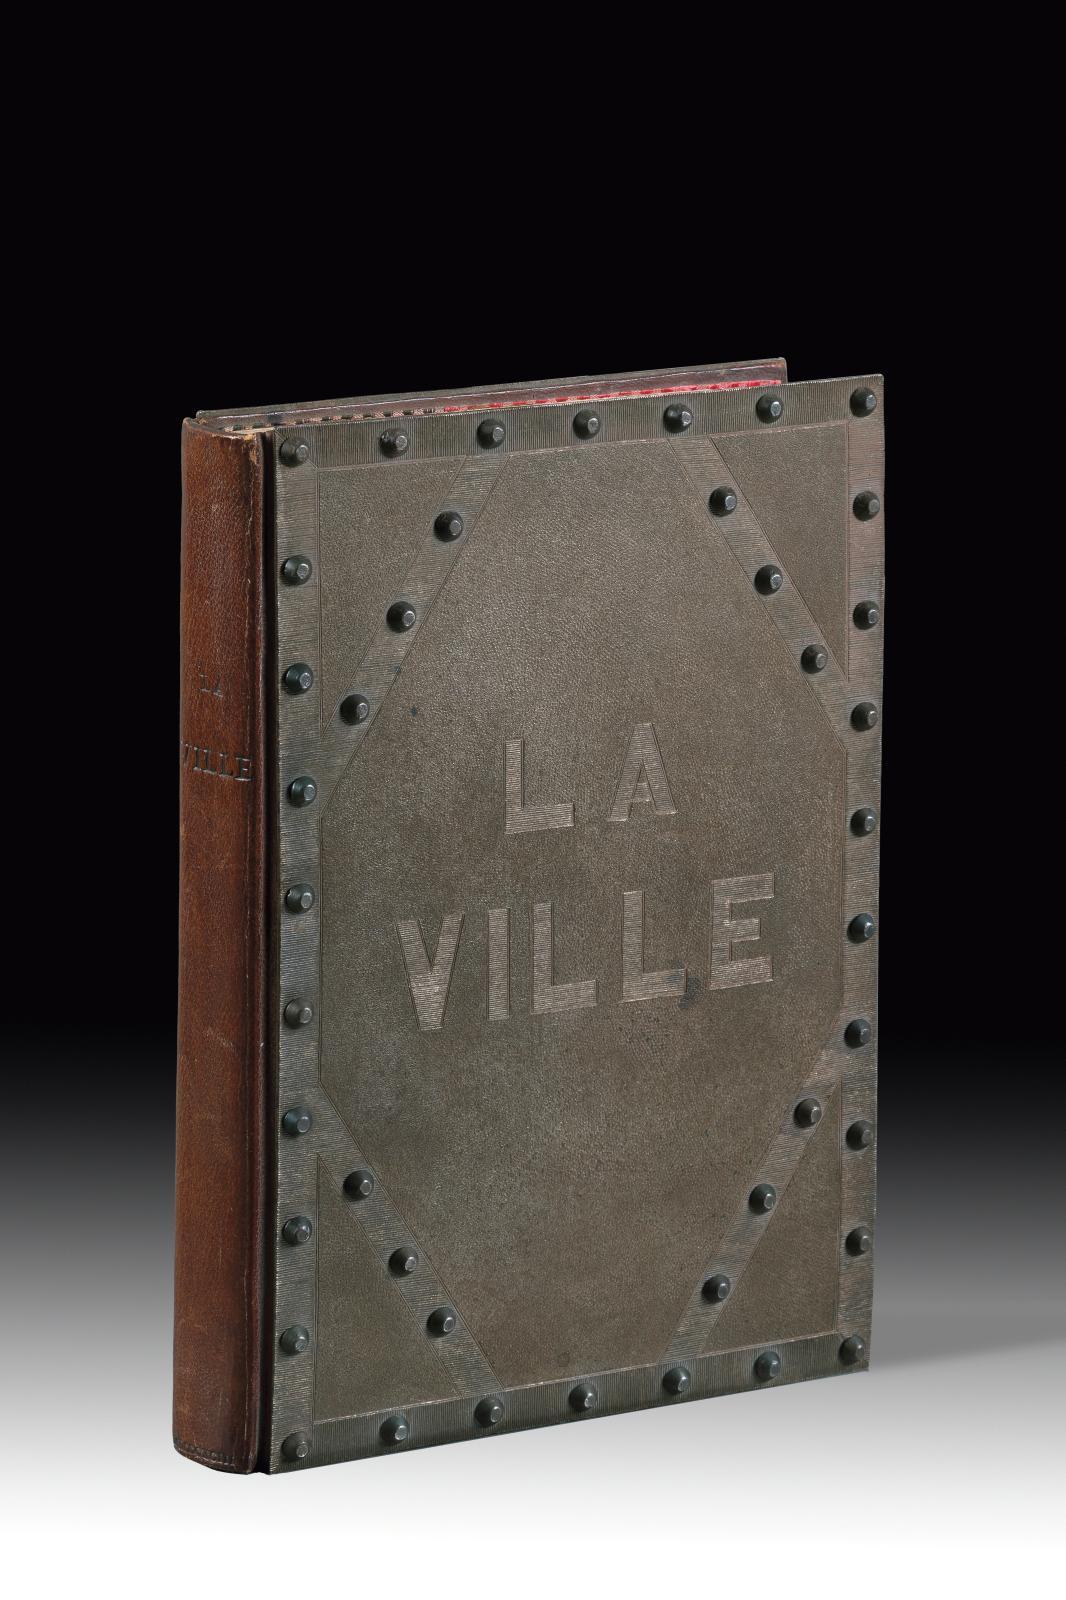 Paul Claudel (1868-1955), La Ville, Paris, librairie de l'Art indépendant, 1893, in-8°, plats entièrement recouverts d'une plaque d'acier,